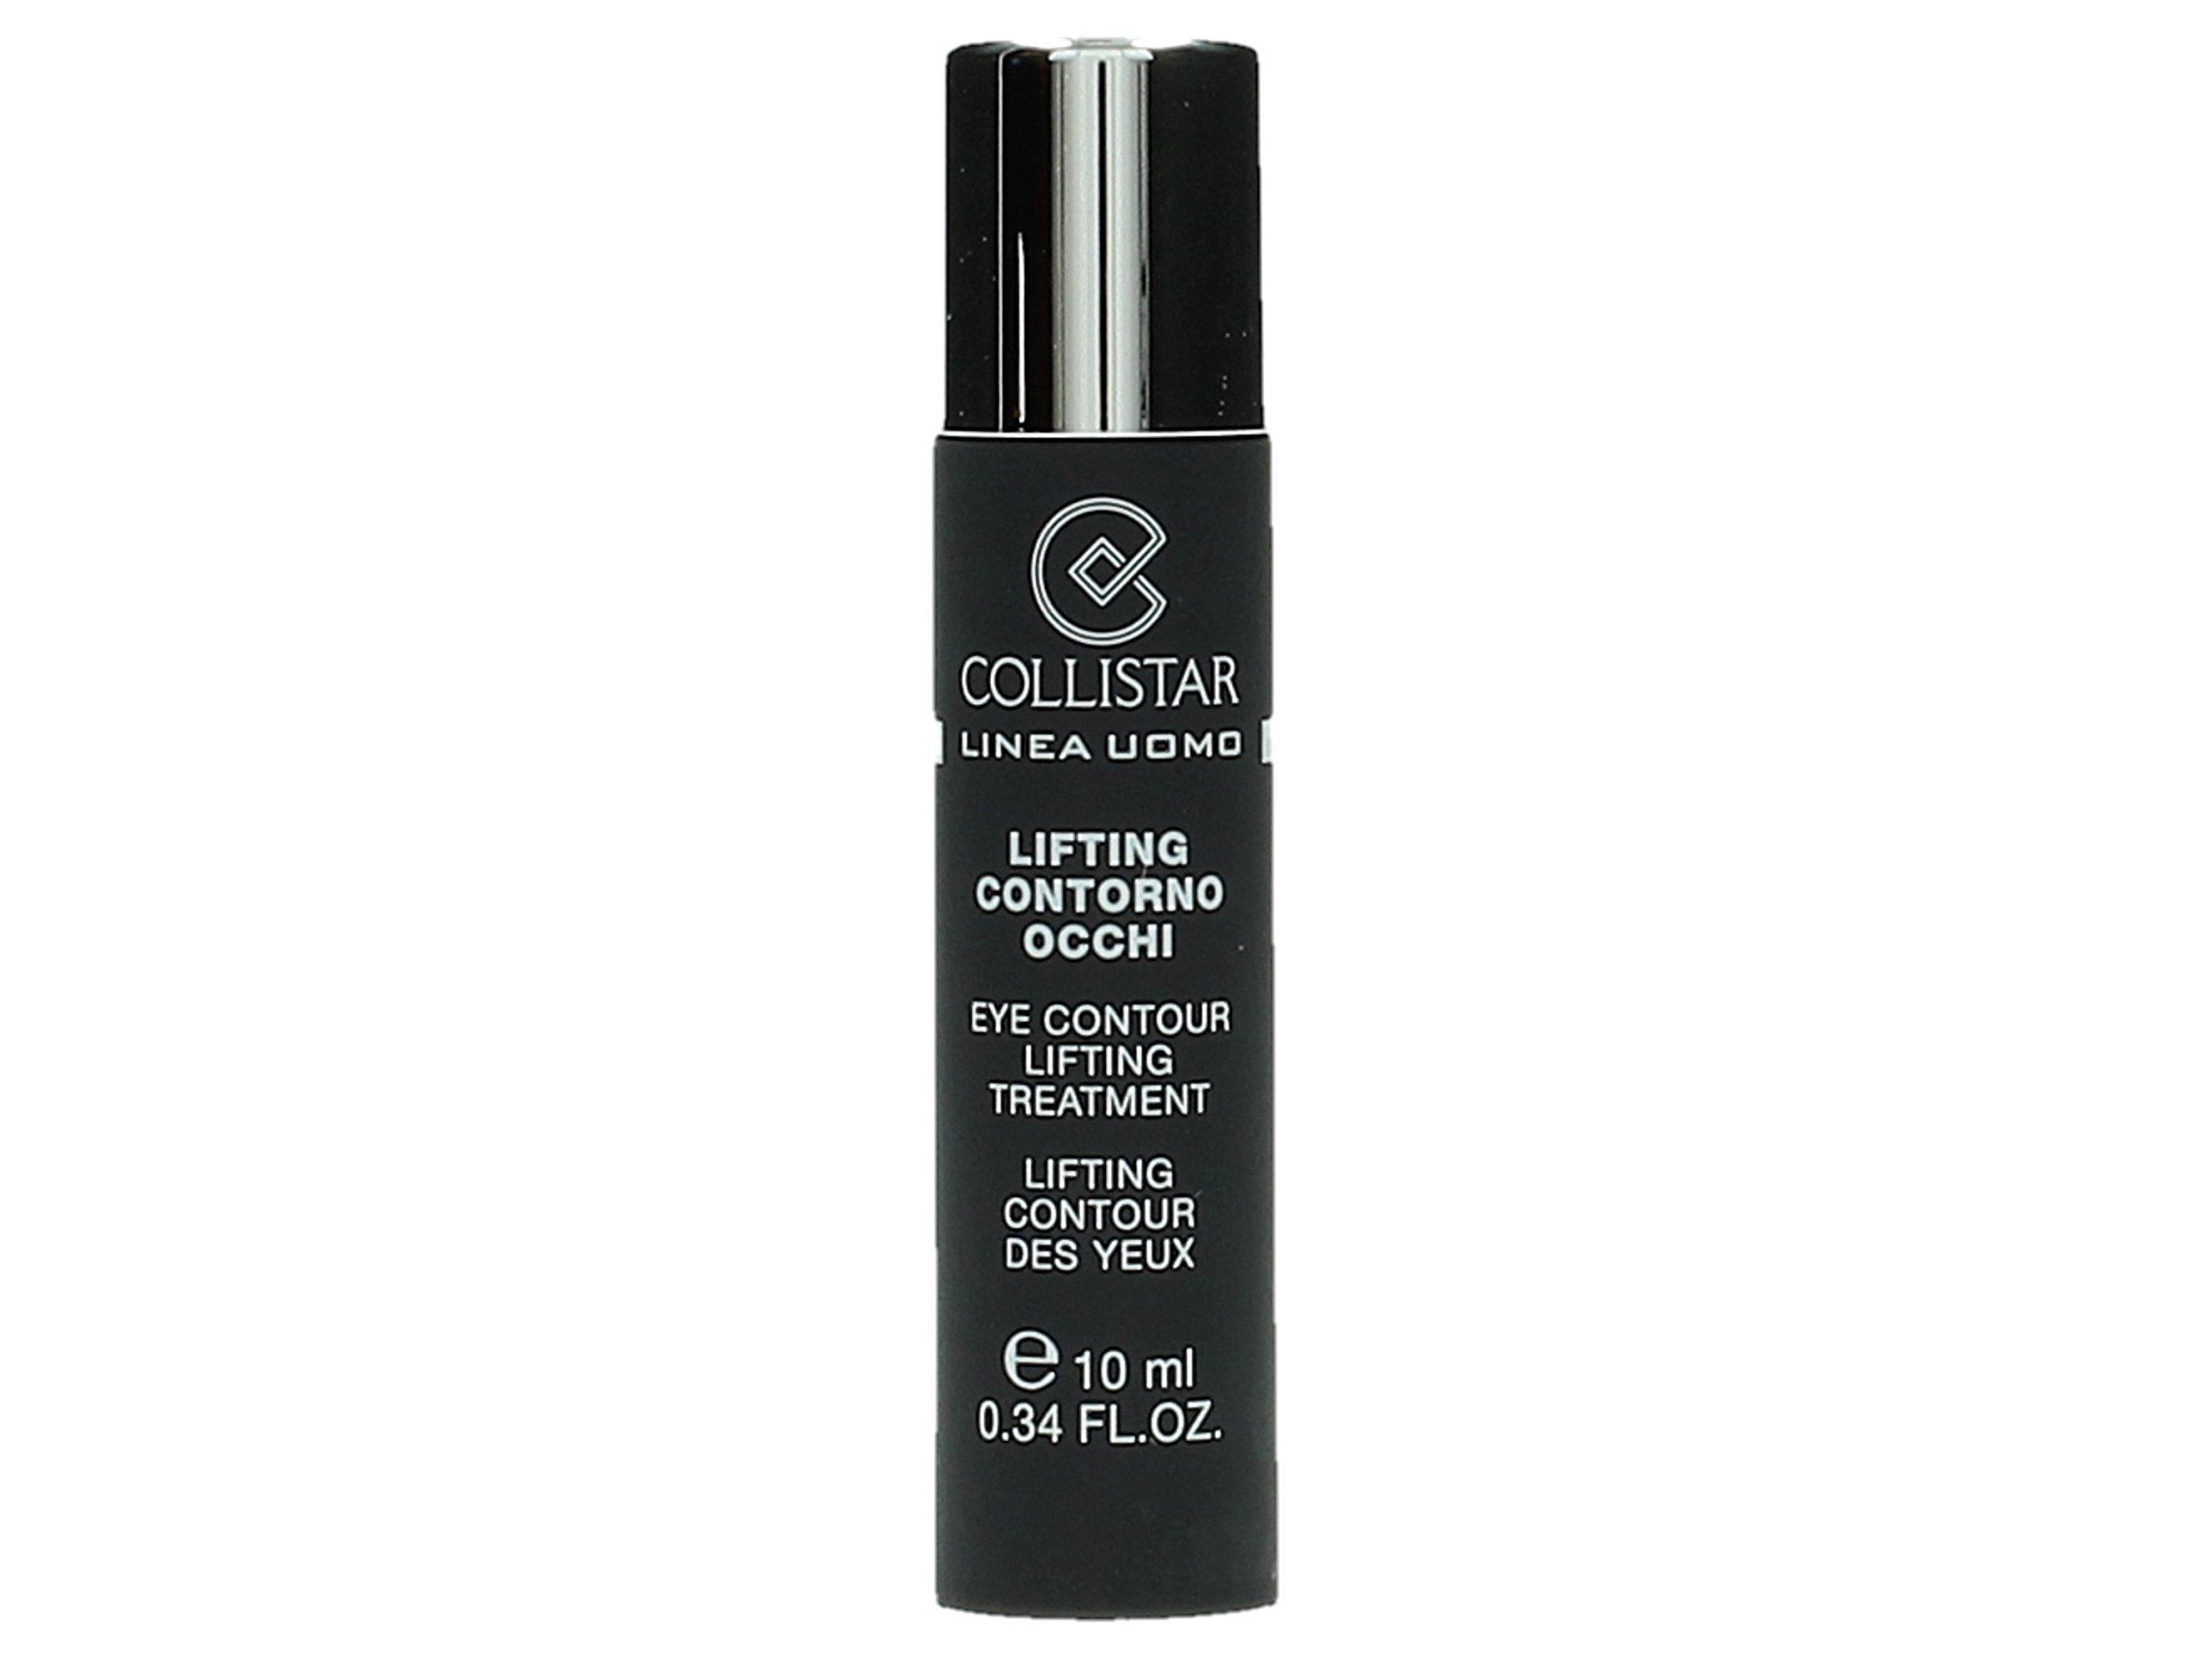 COLLISTAR UOMO eye contour lifting treatment 10 ml